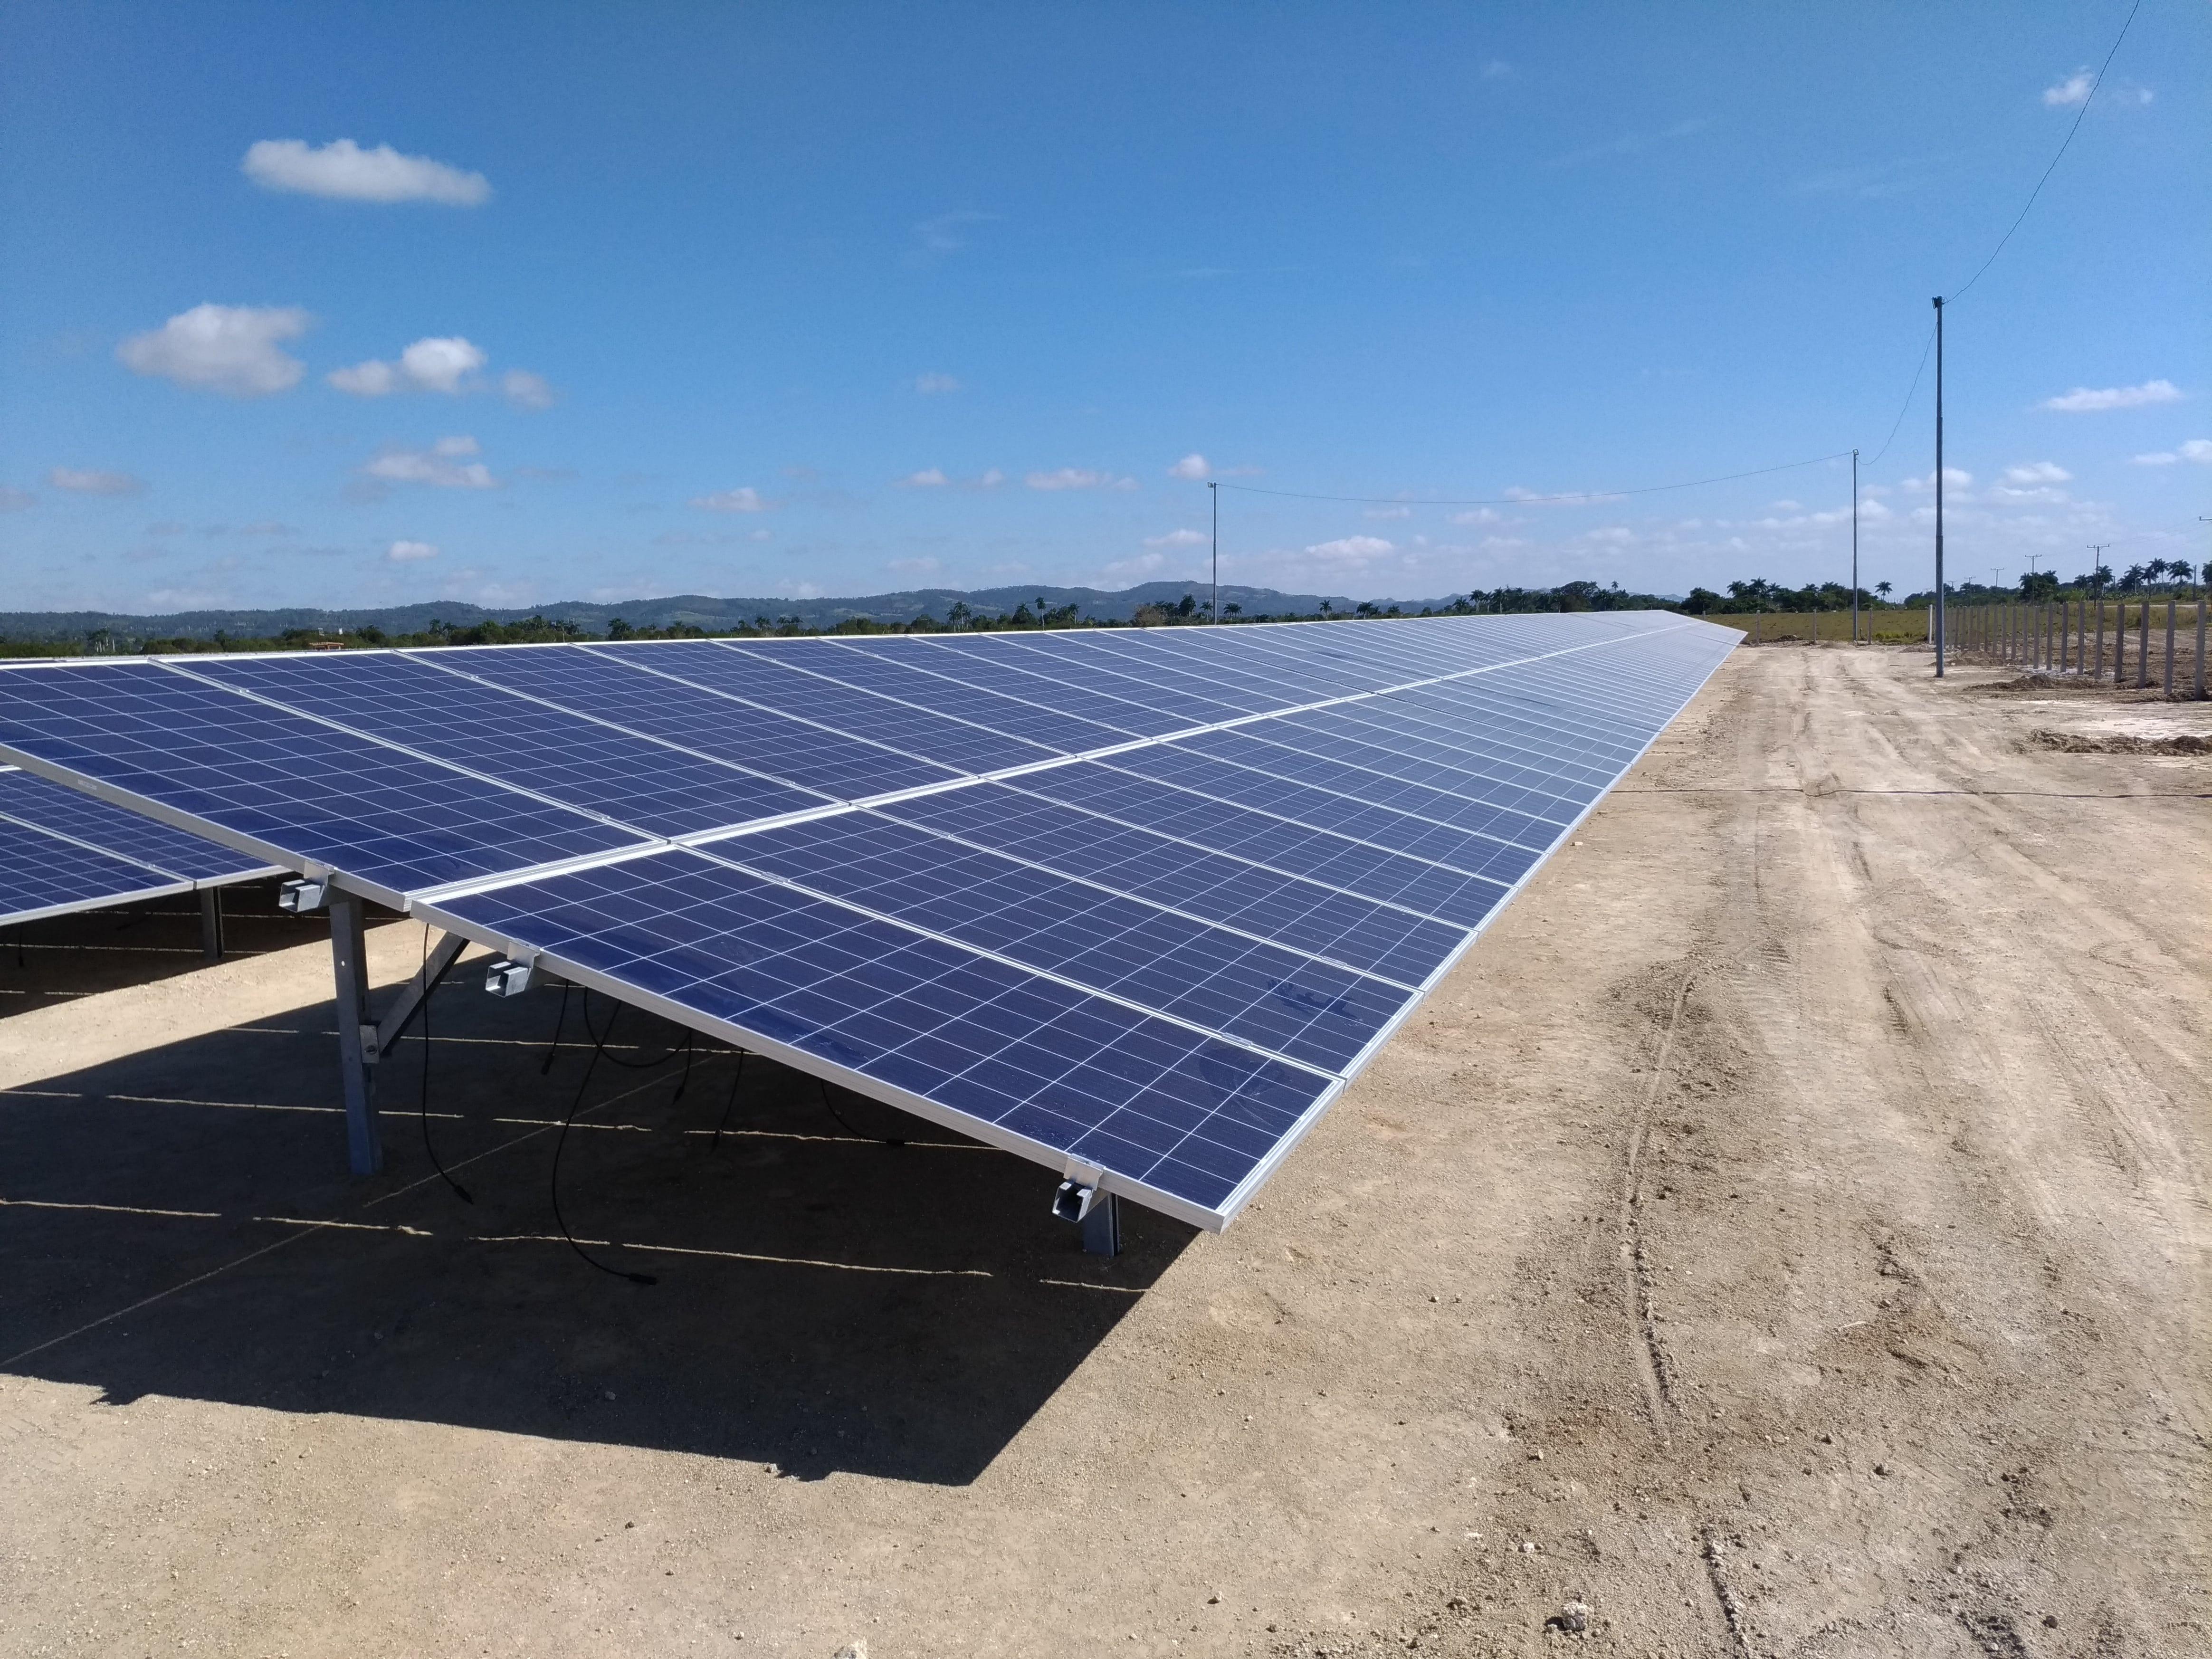 Parques fotovoltaicos, Matanzas, Cuba